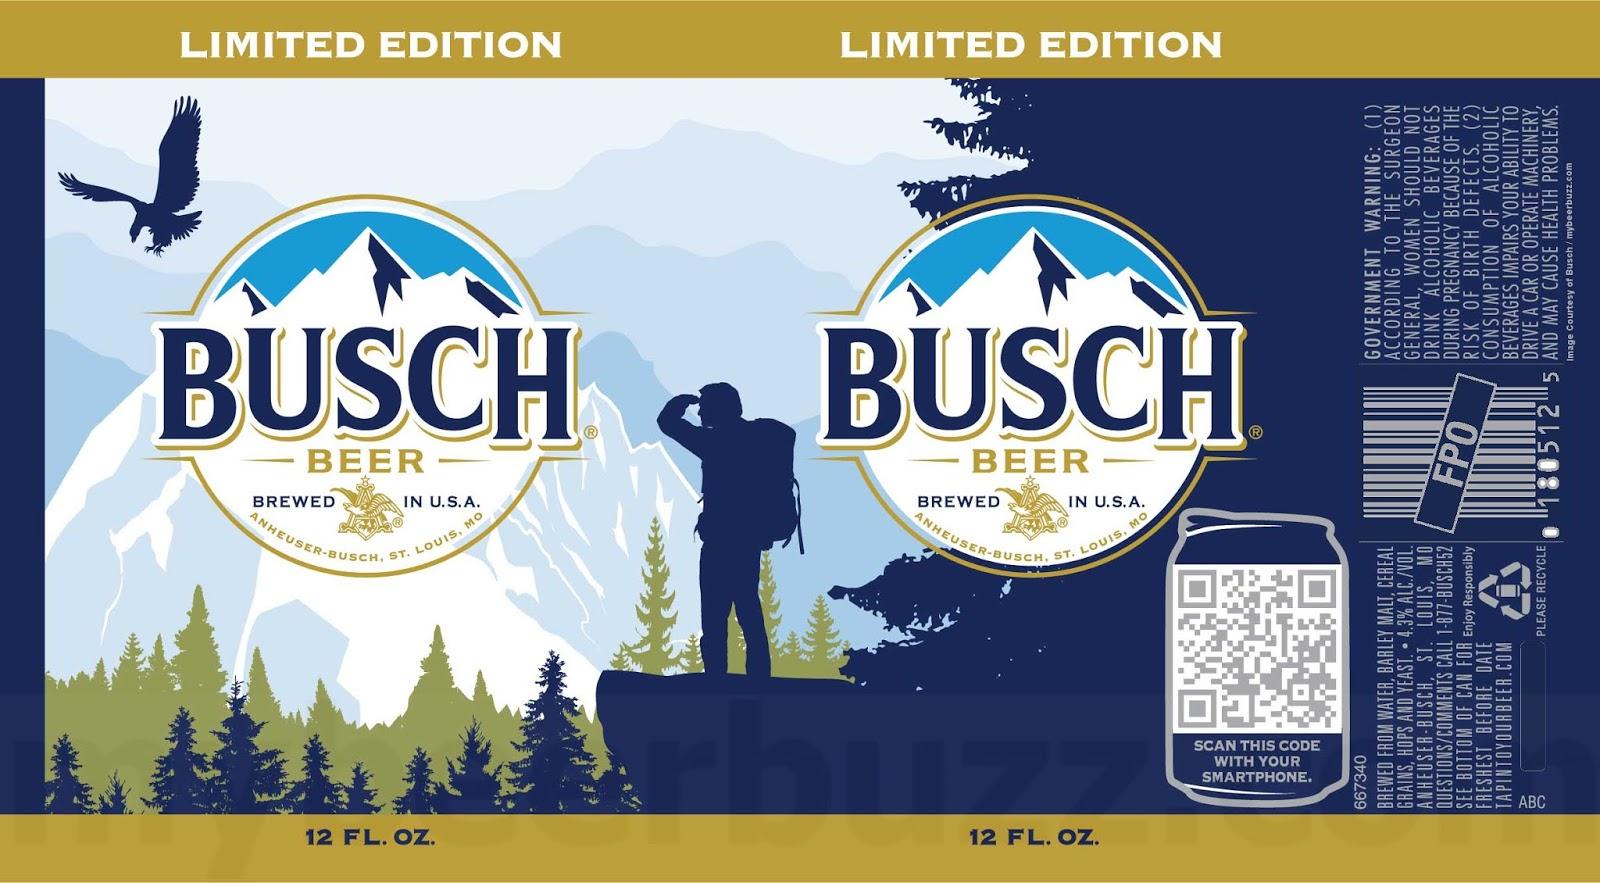 Busch & Busch Light Outdoor Limited Edition Cans Return